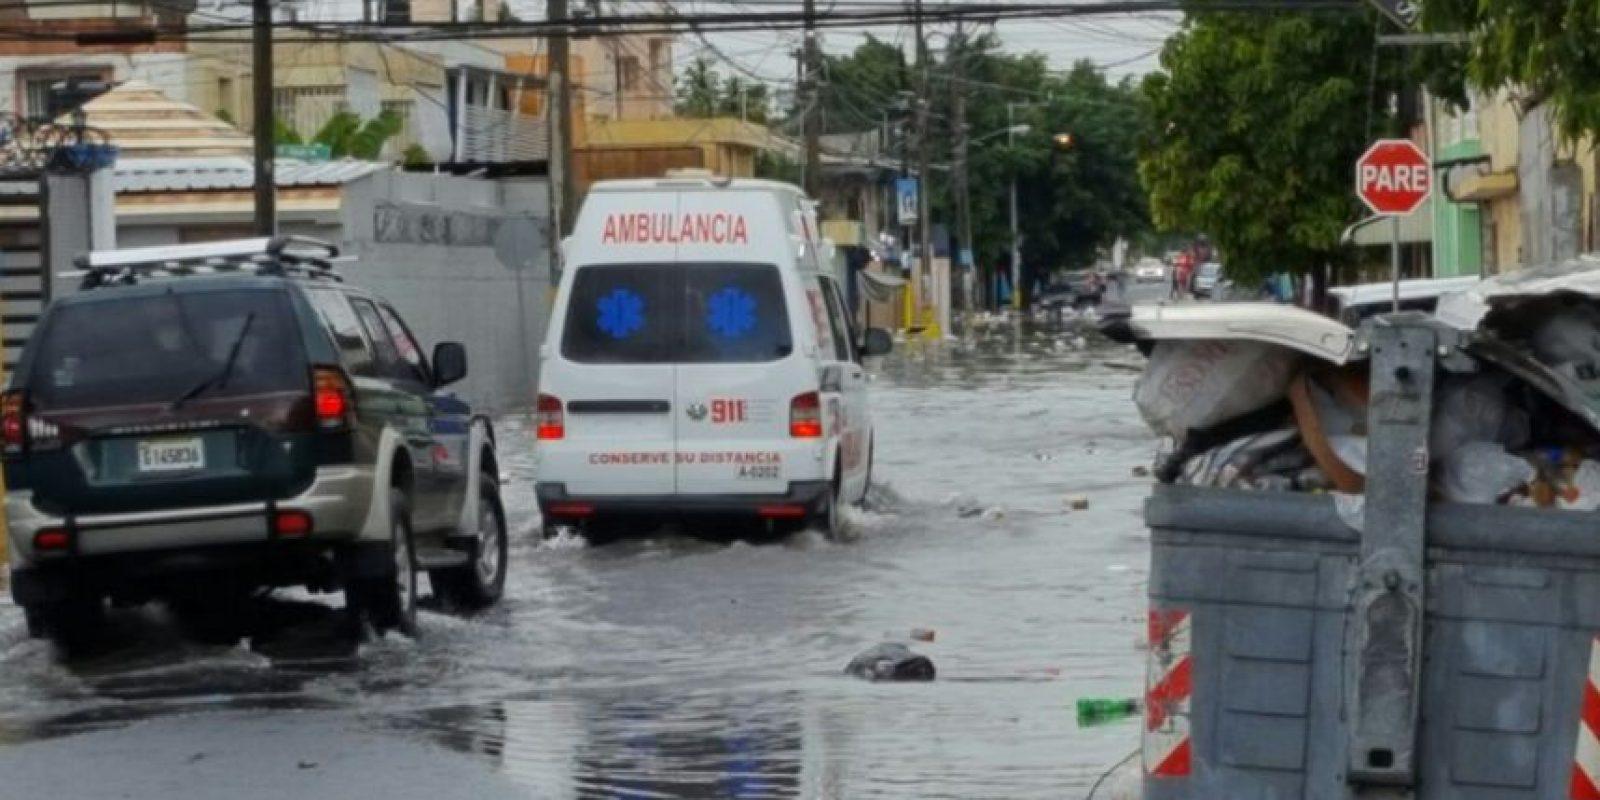 Así se ve la calle Puerto Rico con intersección en la 19 cuando llueve en el sector. Foto:MetroRD